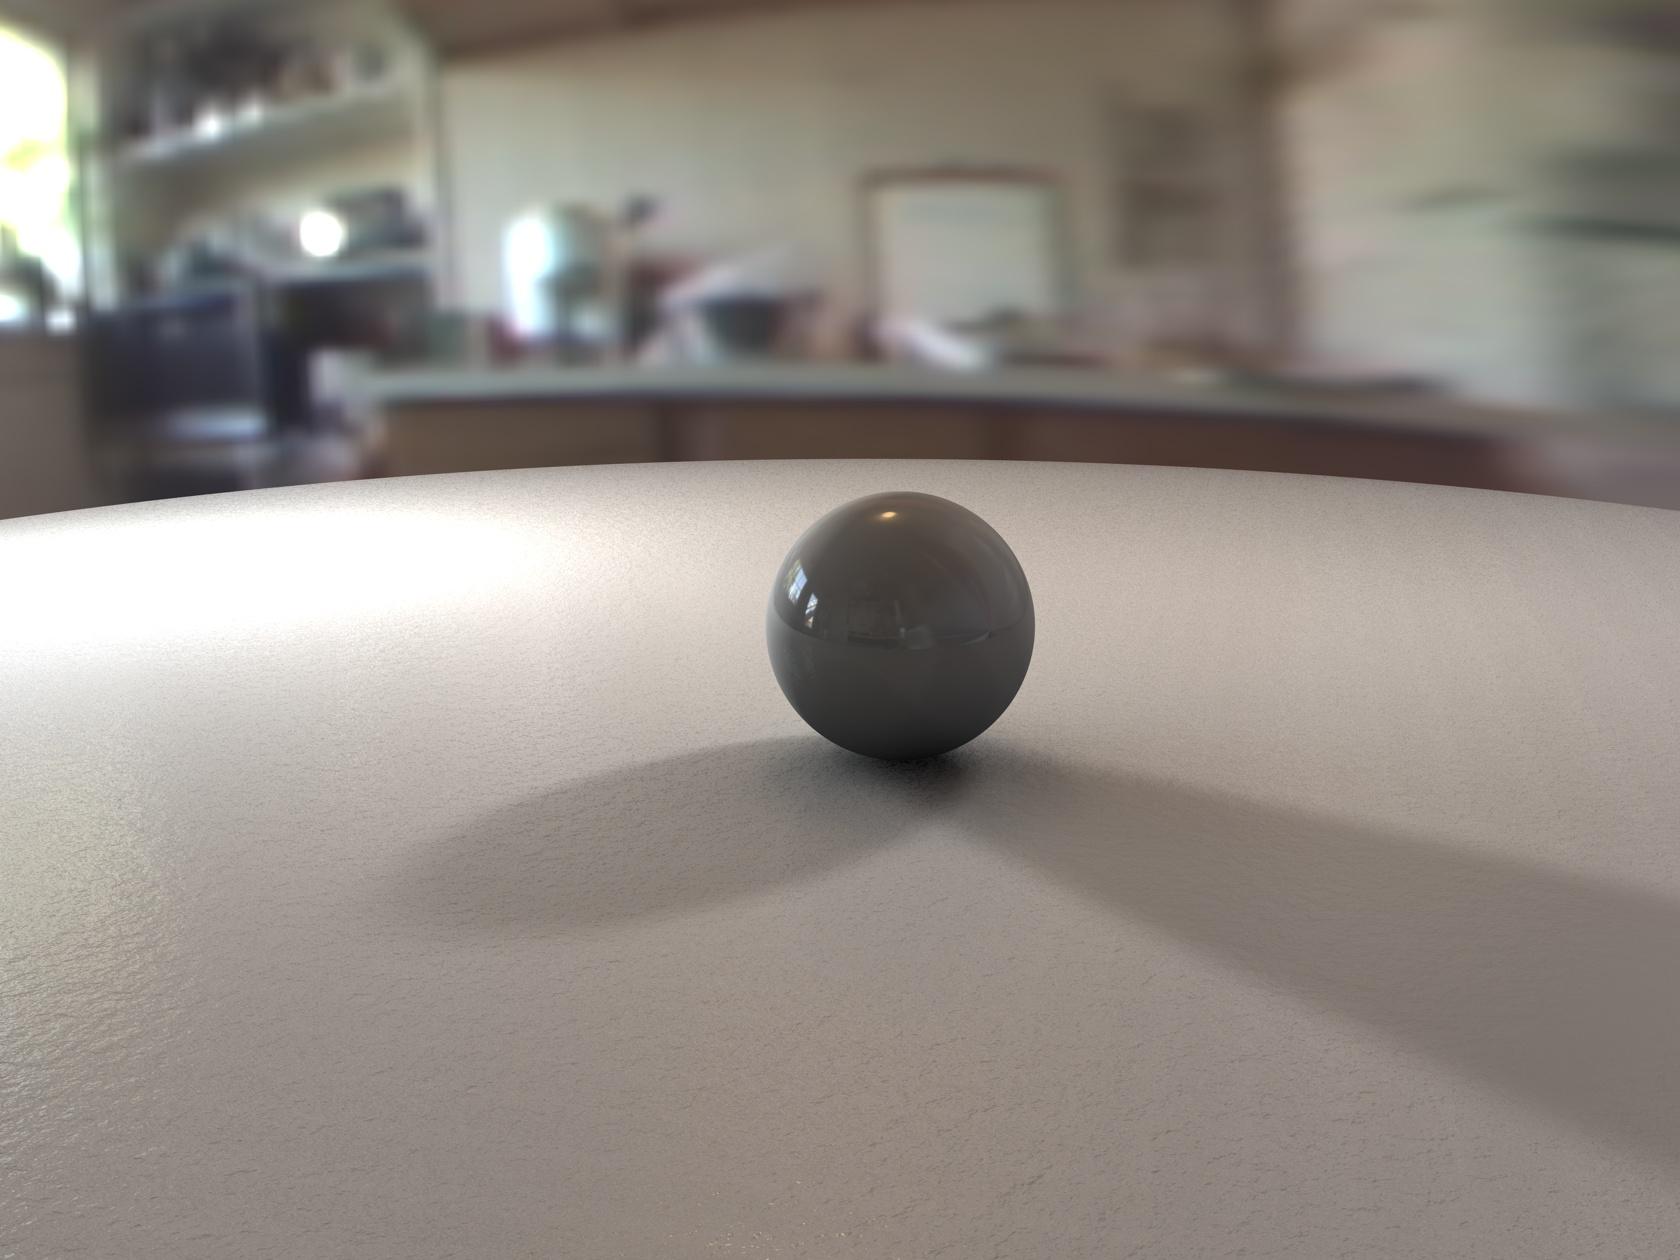 Super Photo-realistic ball